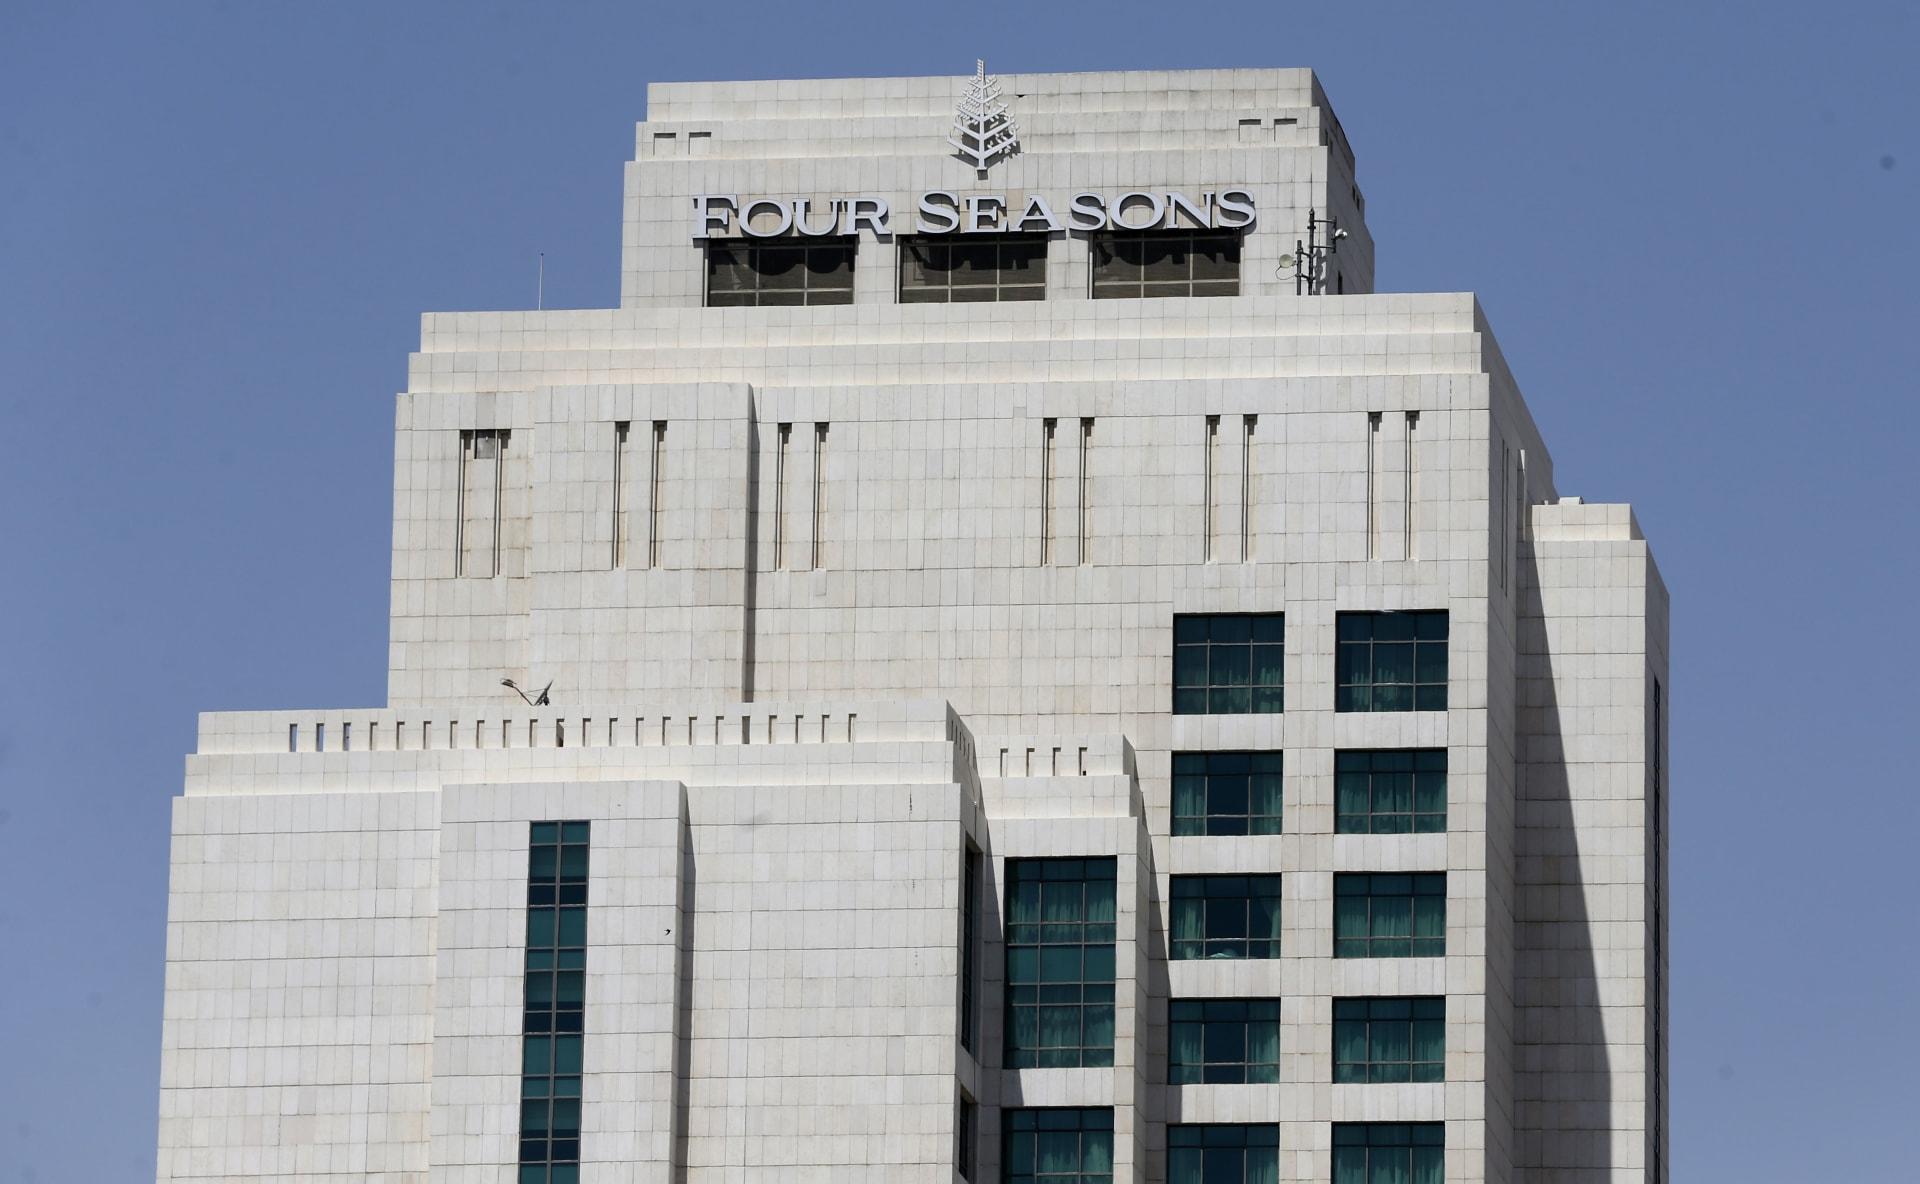 فندق فور سيزونز في العاصمة السورية دمشق - 25 يونيو/ حزيران 2019